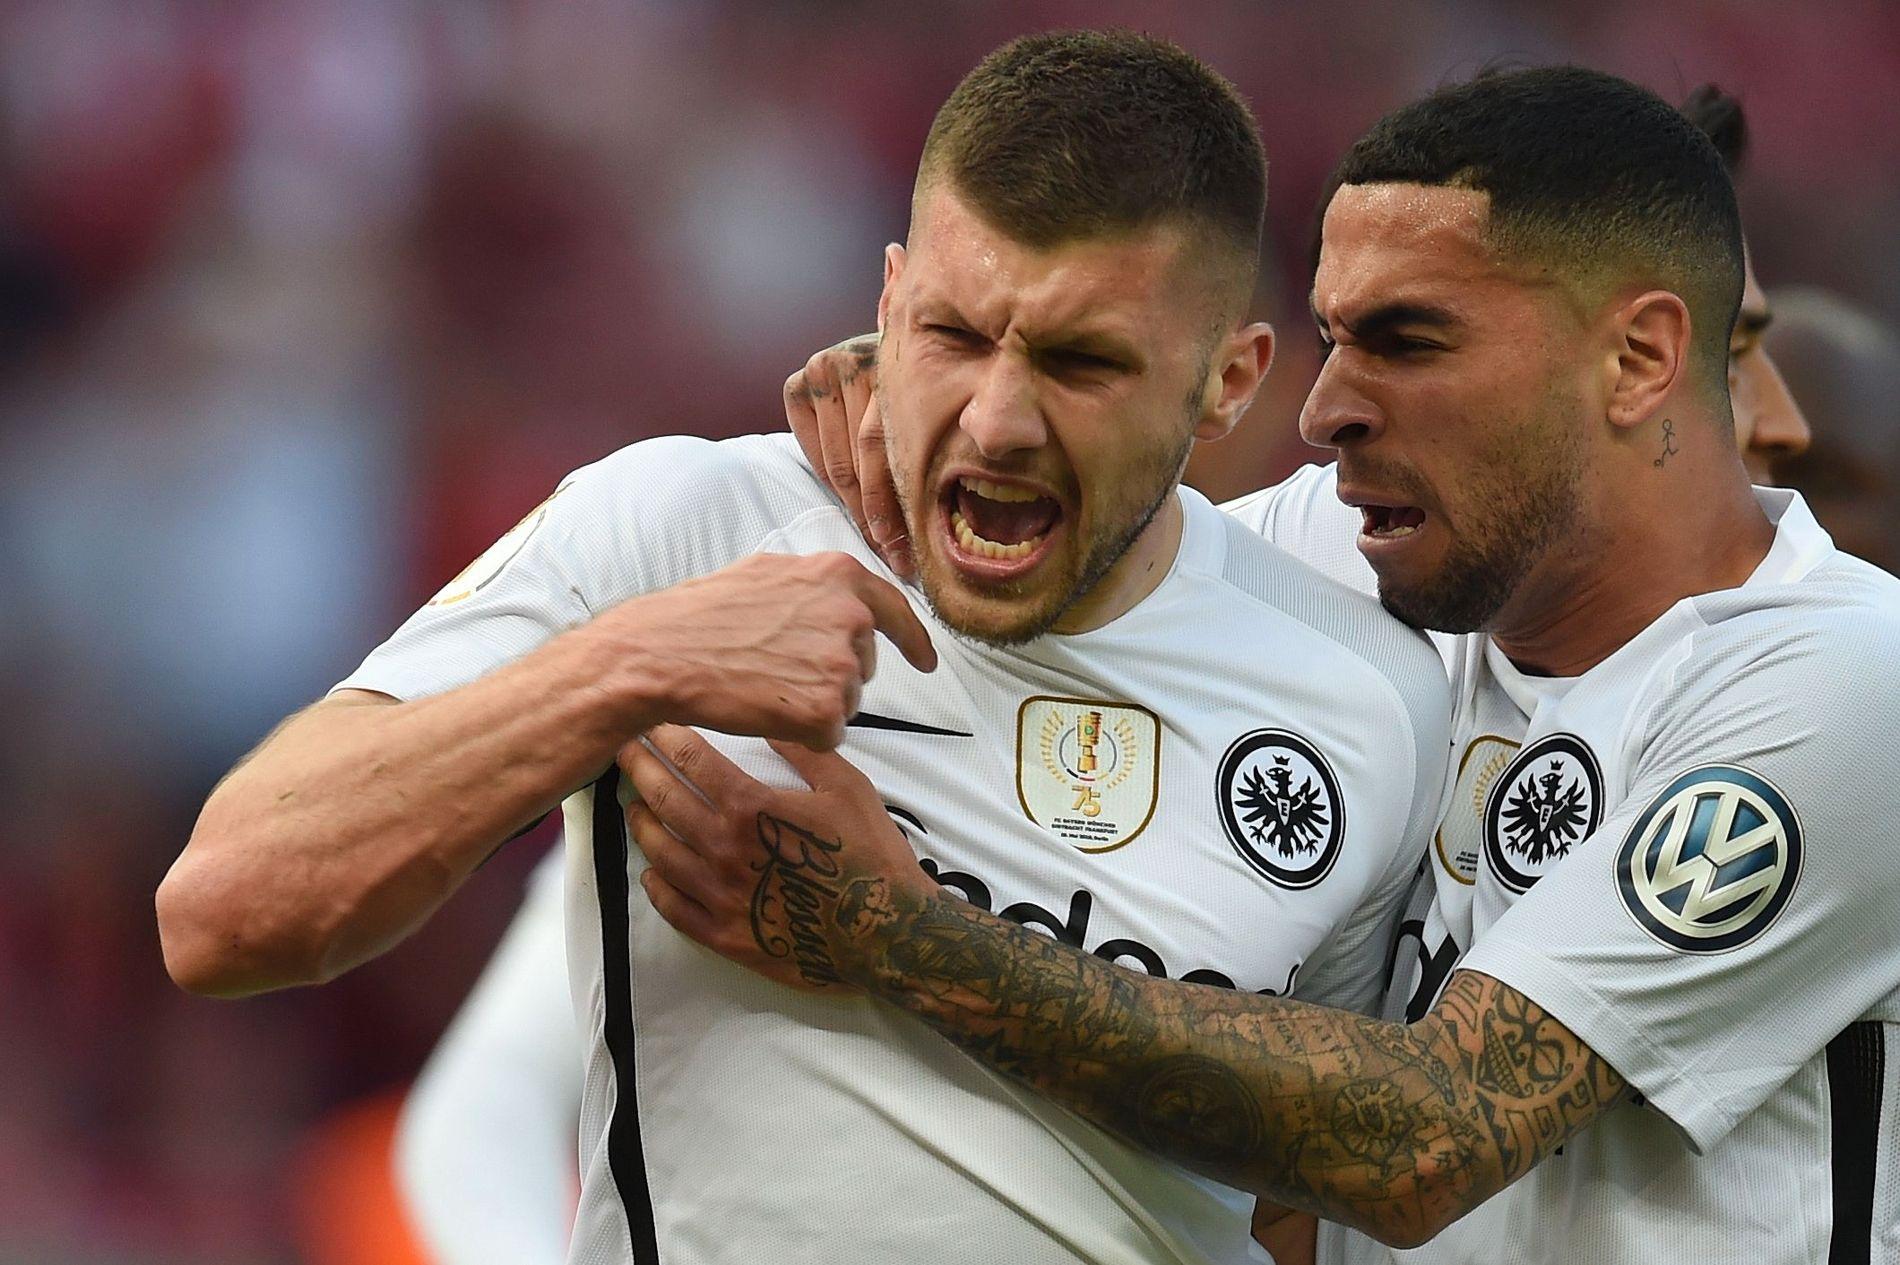 BAYERN-DØDAR: Ante Rebic (t.v.) spilte en fantastisk finale mot FC Bayern, og scoret to. Her jubler han sammen med Omar Mascarell.